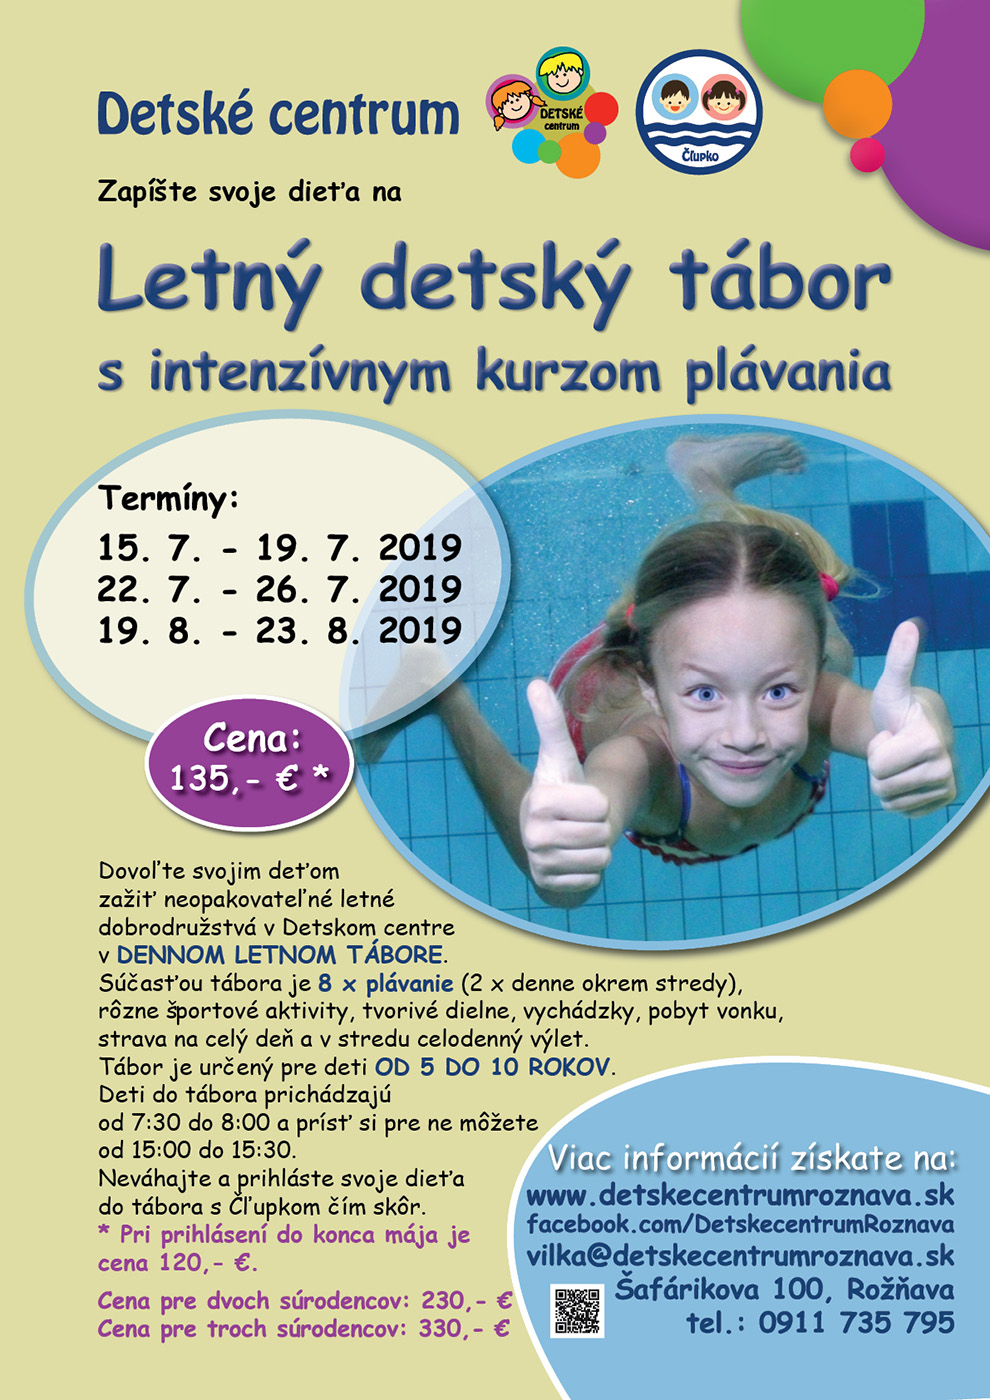 Letný detský tábor v Detskom centre Rožňava